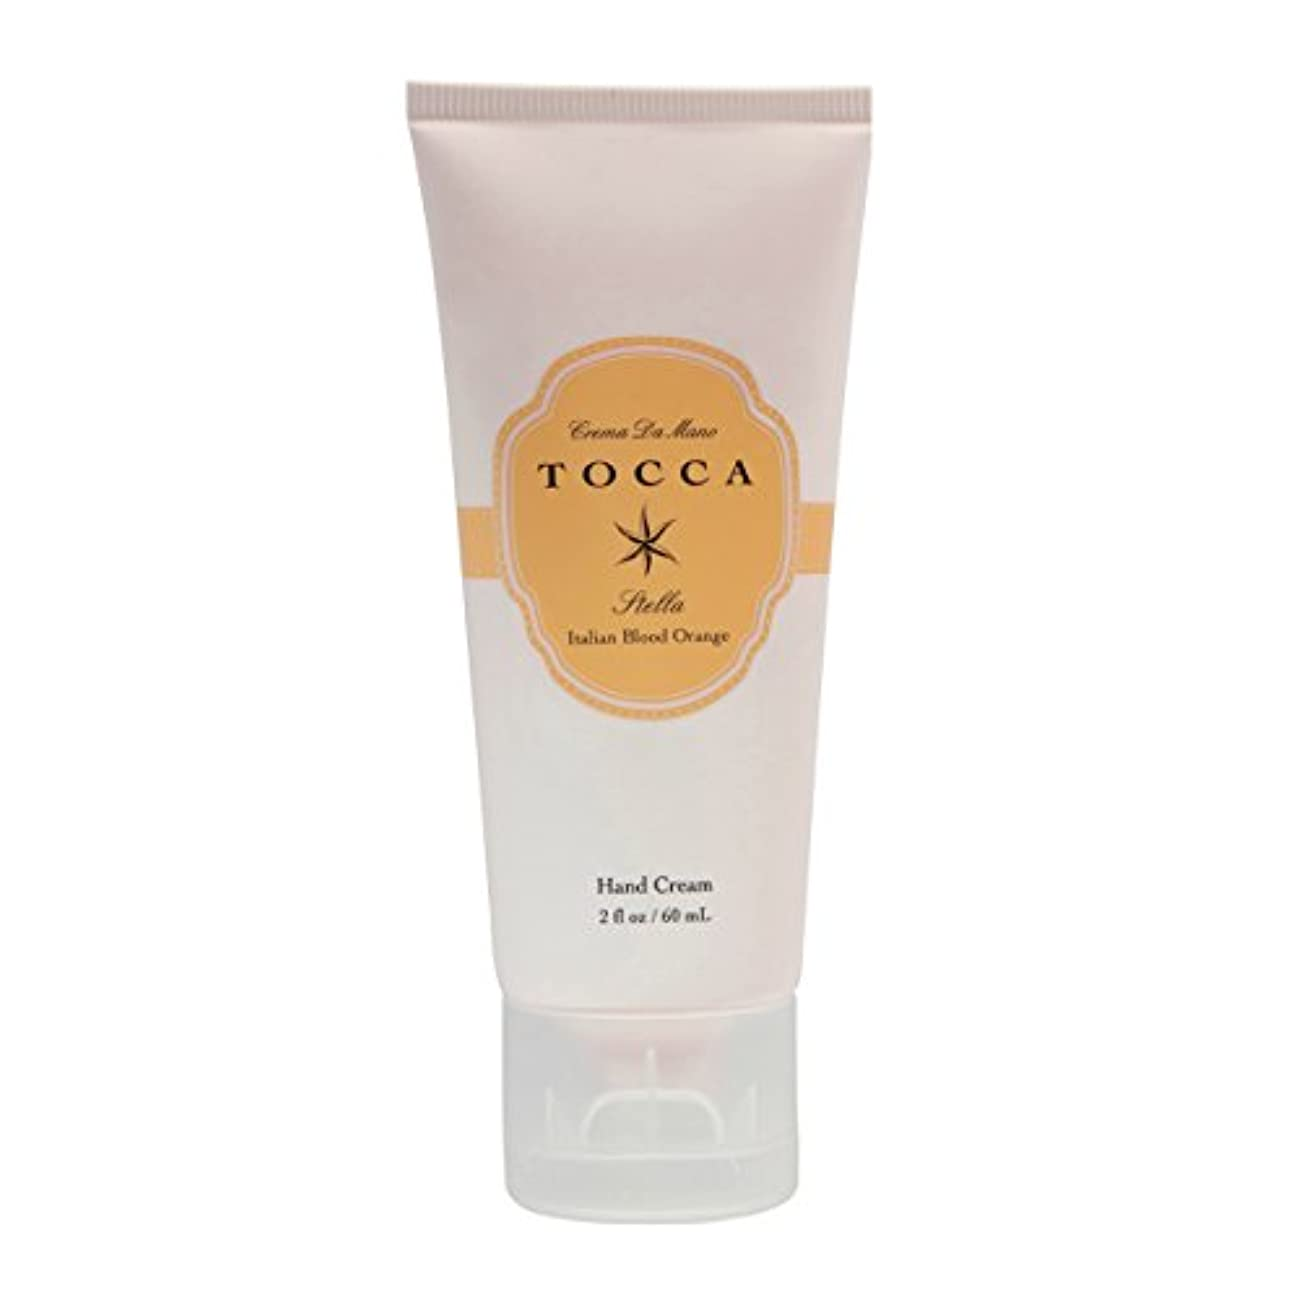 潤滑する甘やかす行動トッカ(TOCCA) ハンドクリーム  ステラの香り 60ml(手指用保湿 イタリアンブラッドオレンジが奏でるフレッシュでビターな爽やかさ漂う香り)